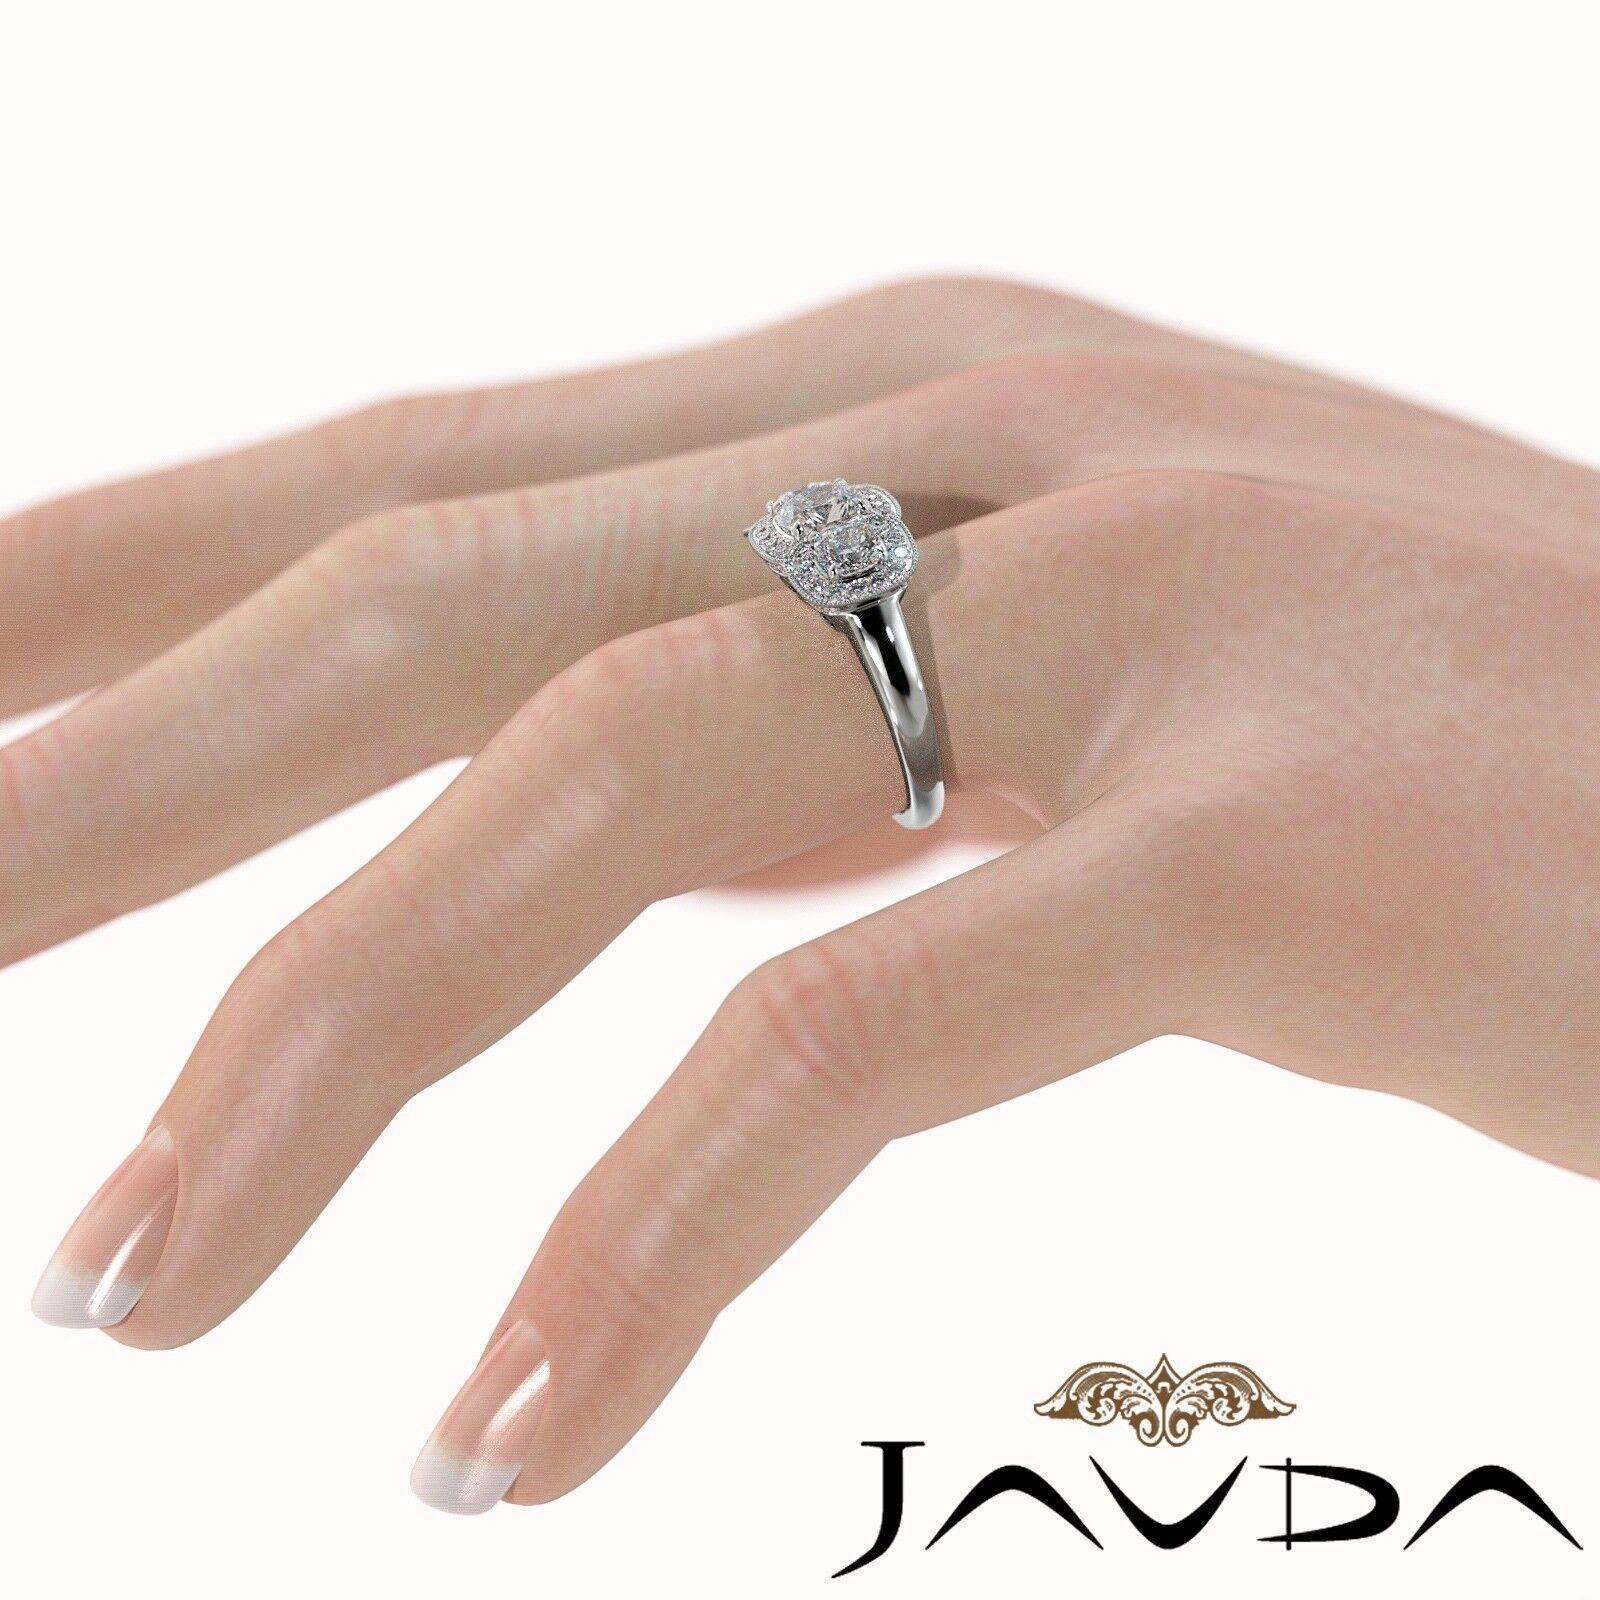 2.25ctw Milgrain Halo 3 Stone Cushion Diamond Engagement Ring GIA I-SI1 W Gold 4